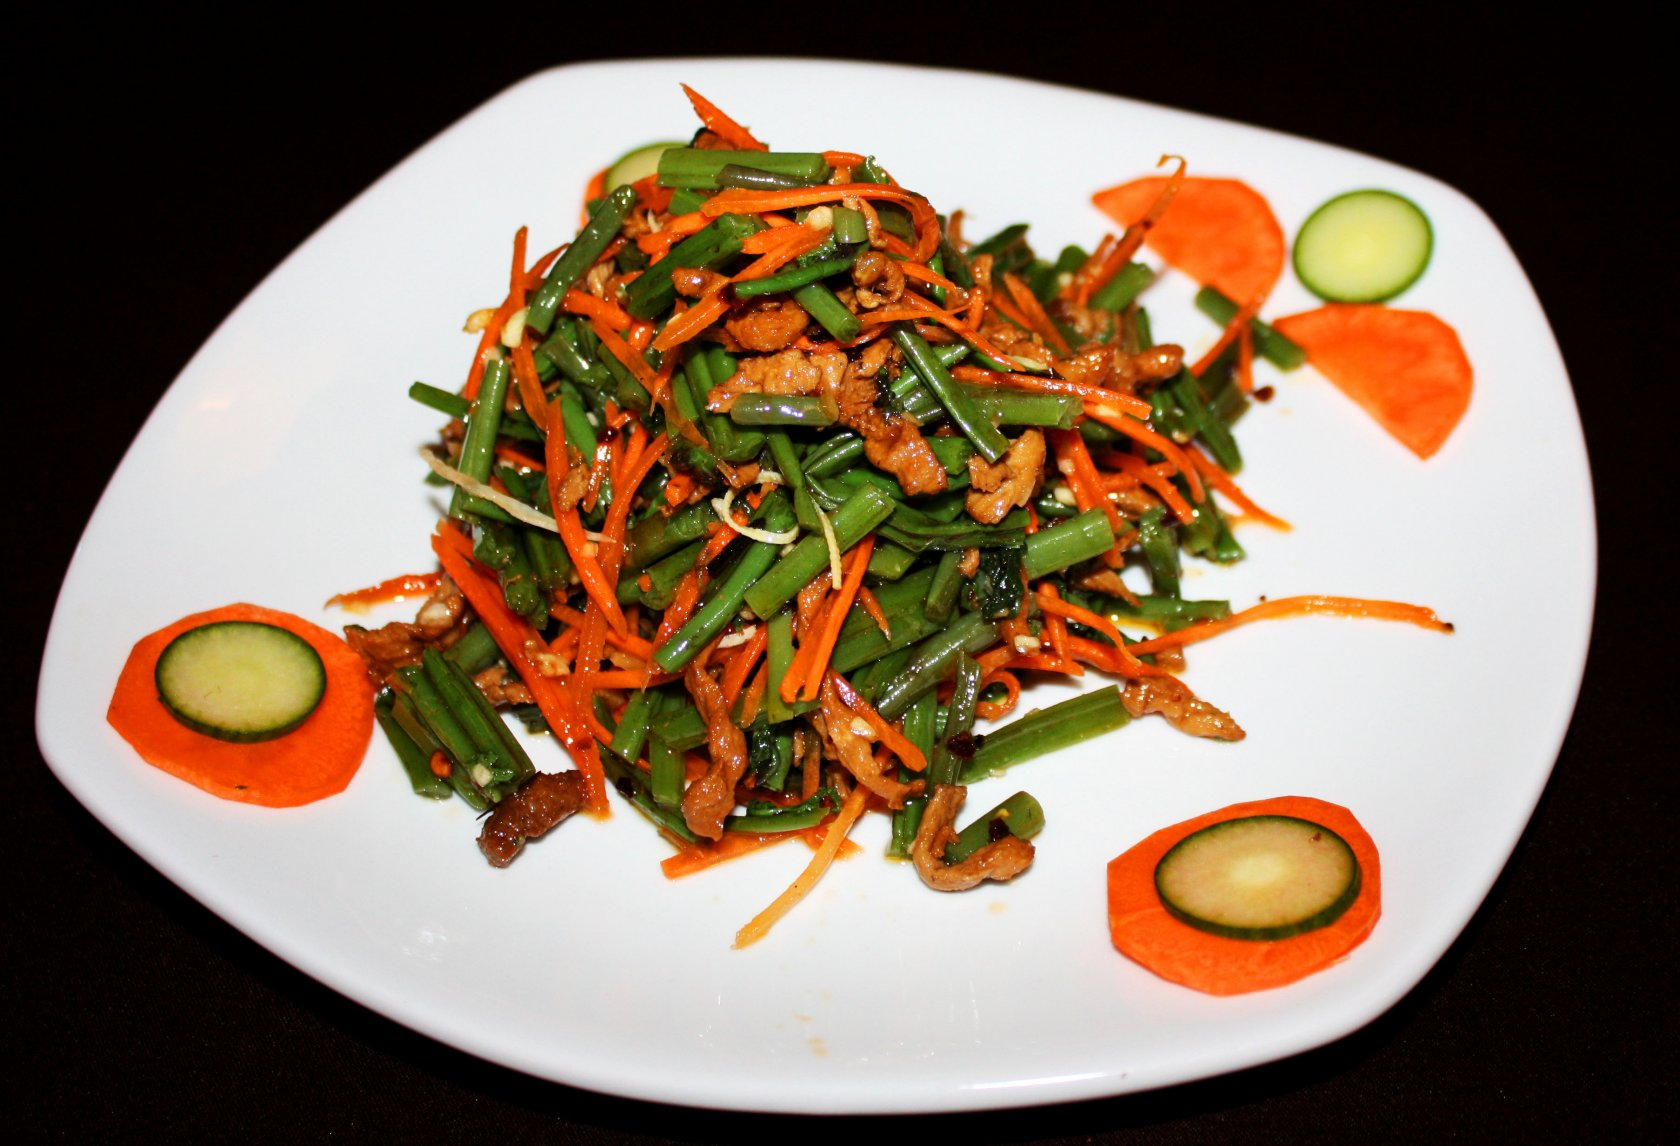 вам китайская кухня рецепты с фото салаты раздел меню